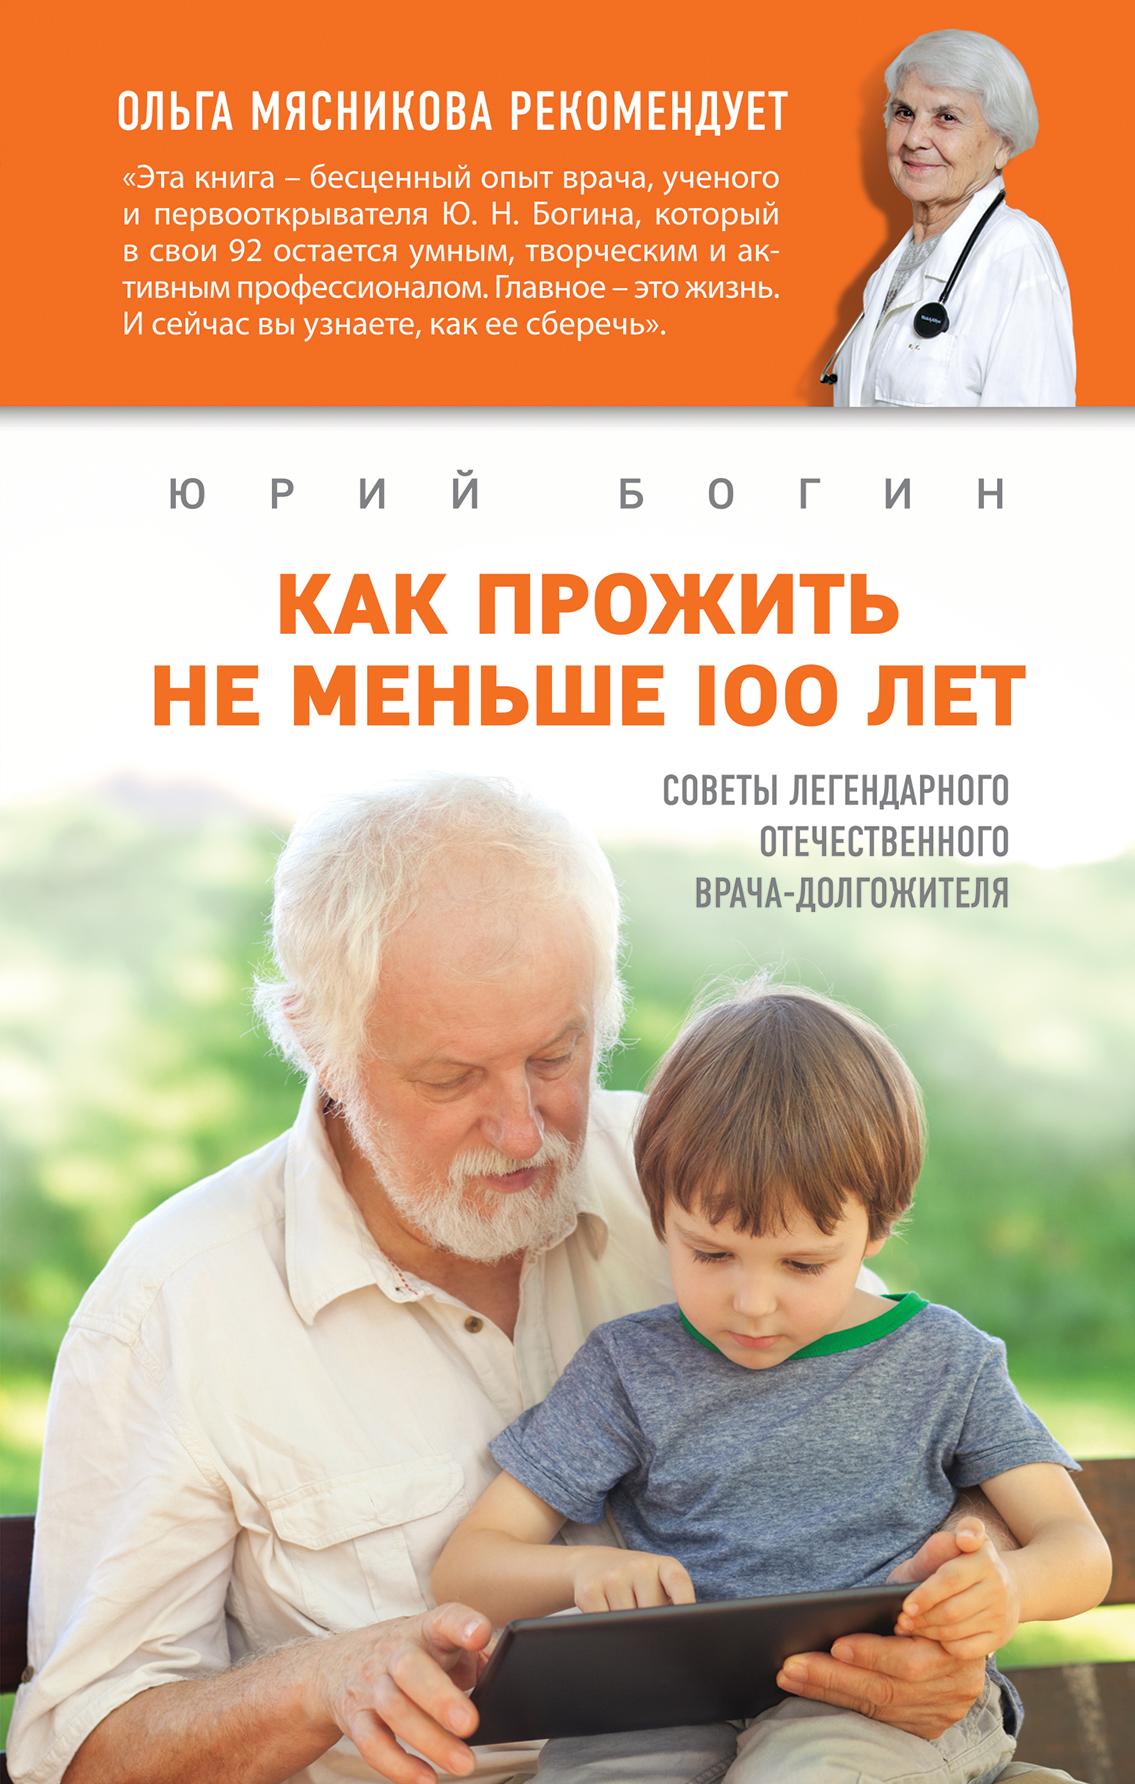 Юрий Богин Как прожить не меньше 100 лет. Советы легендарного отечественного врача б у аппараты узи иркутск